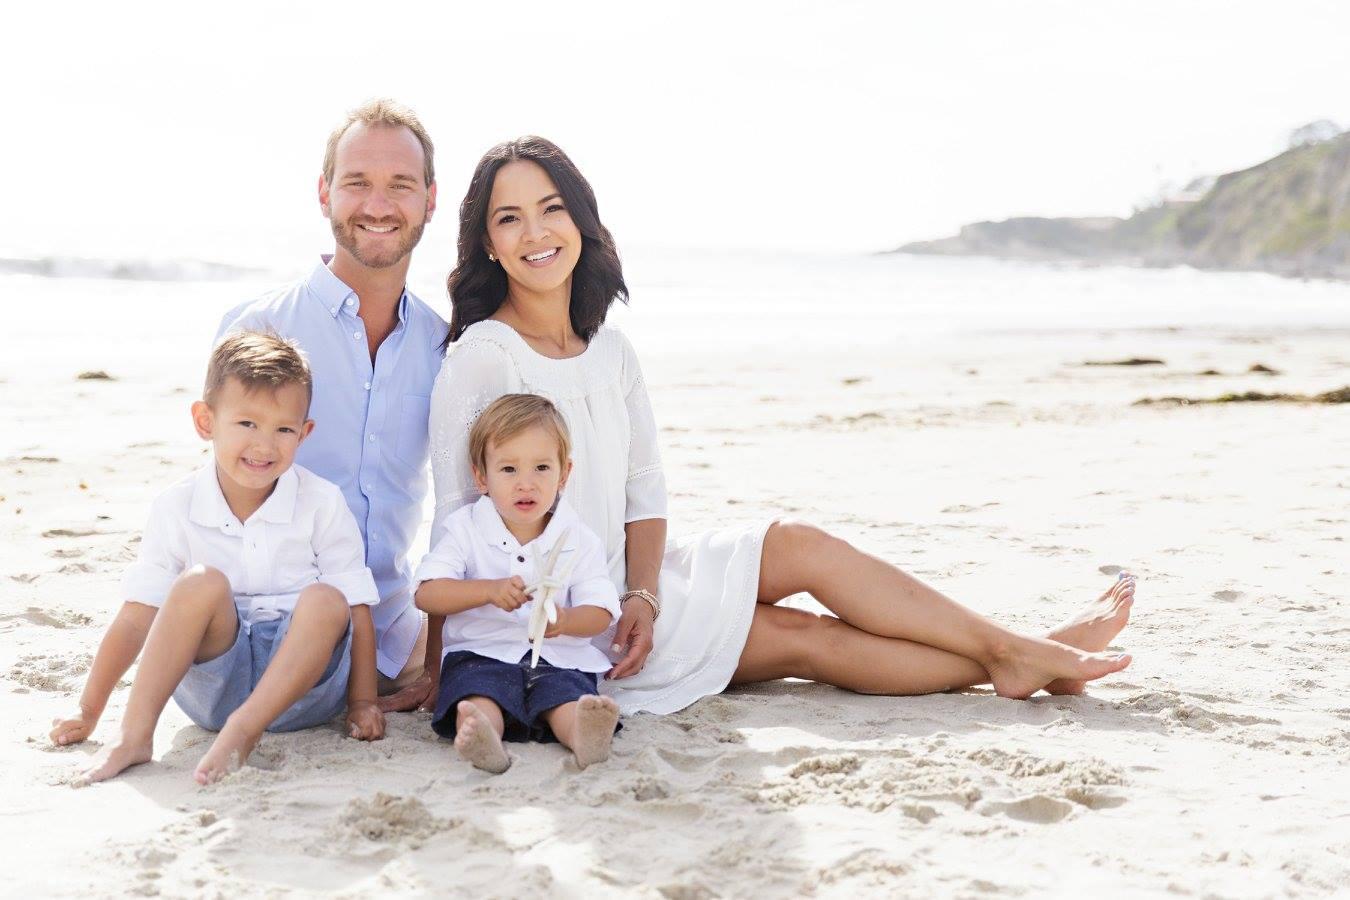 Семья муж жена и ребенок фото 2018